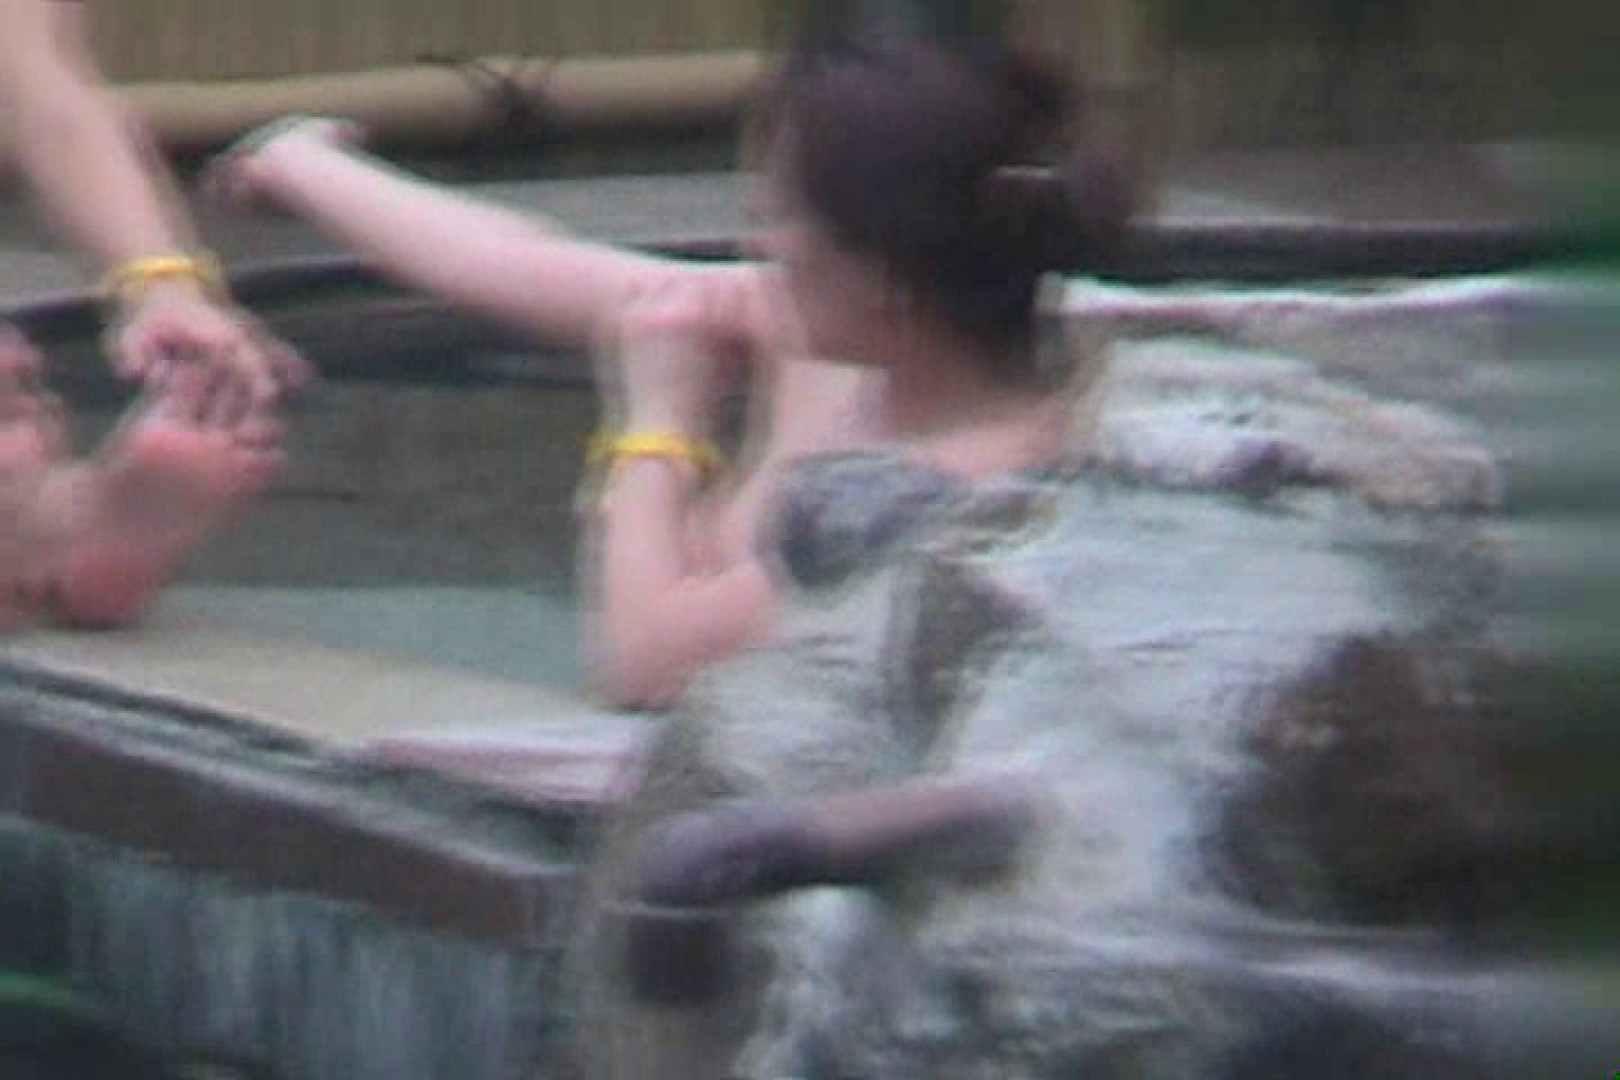 Aquaな露天風呂Vol.600 OLのエロ生活 | 盗撮  41連発 22